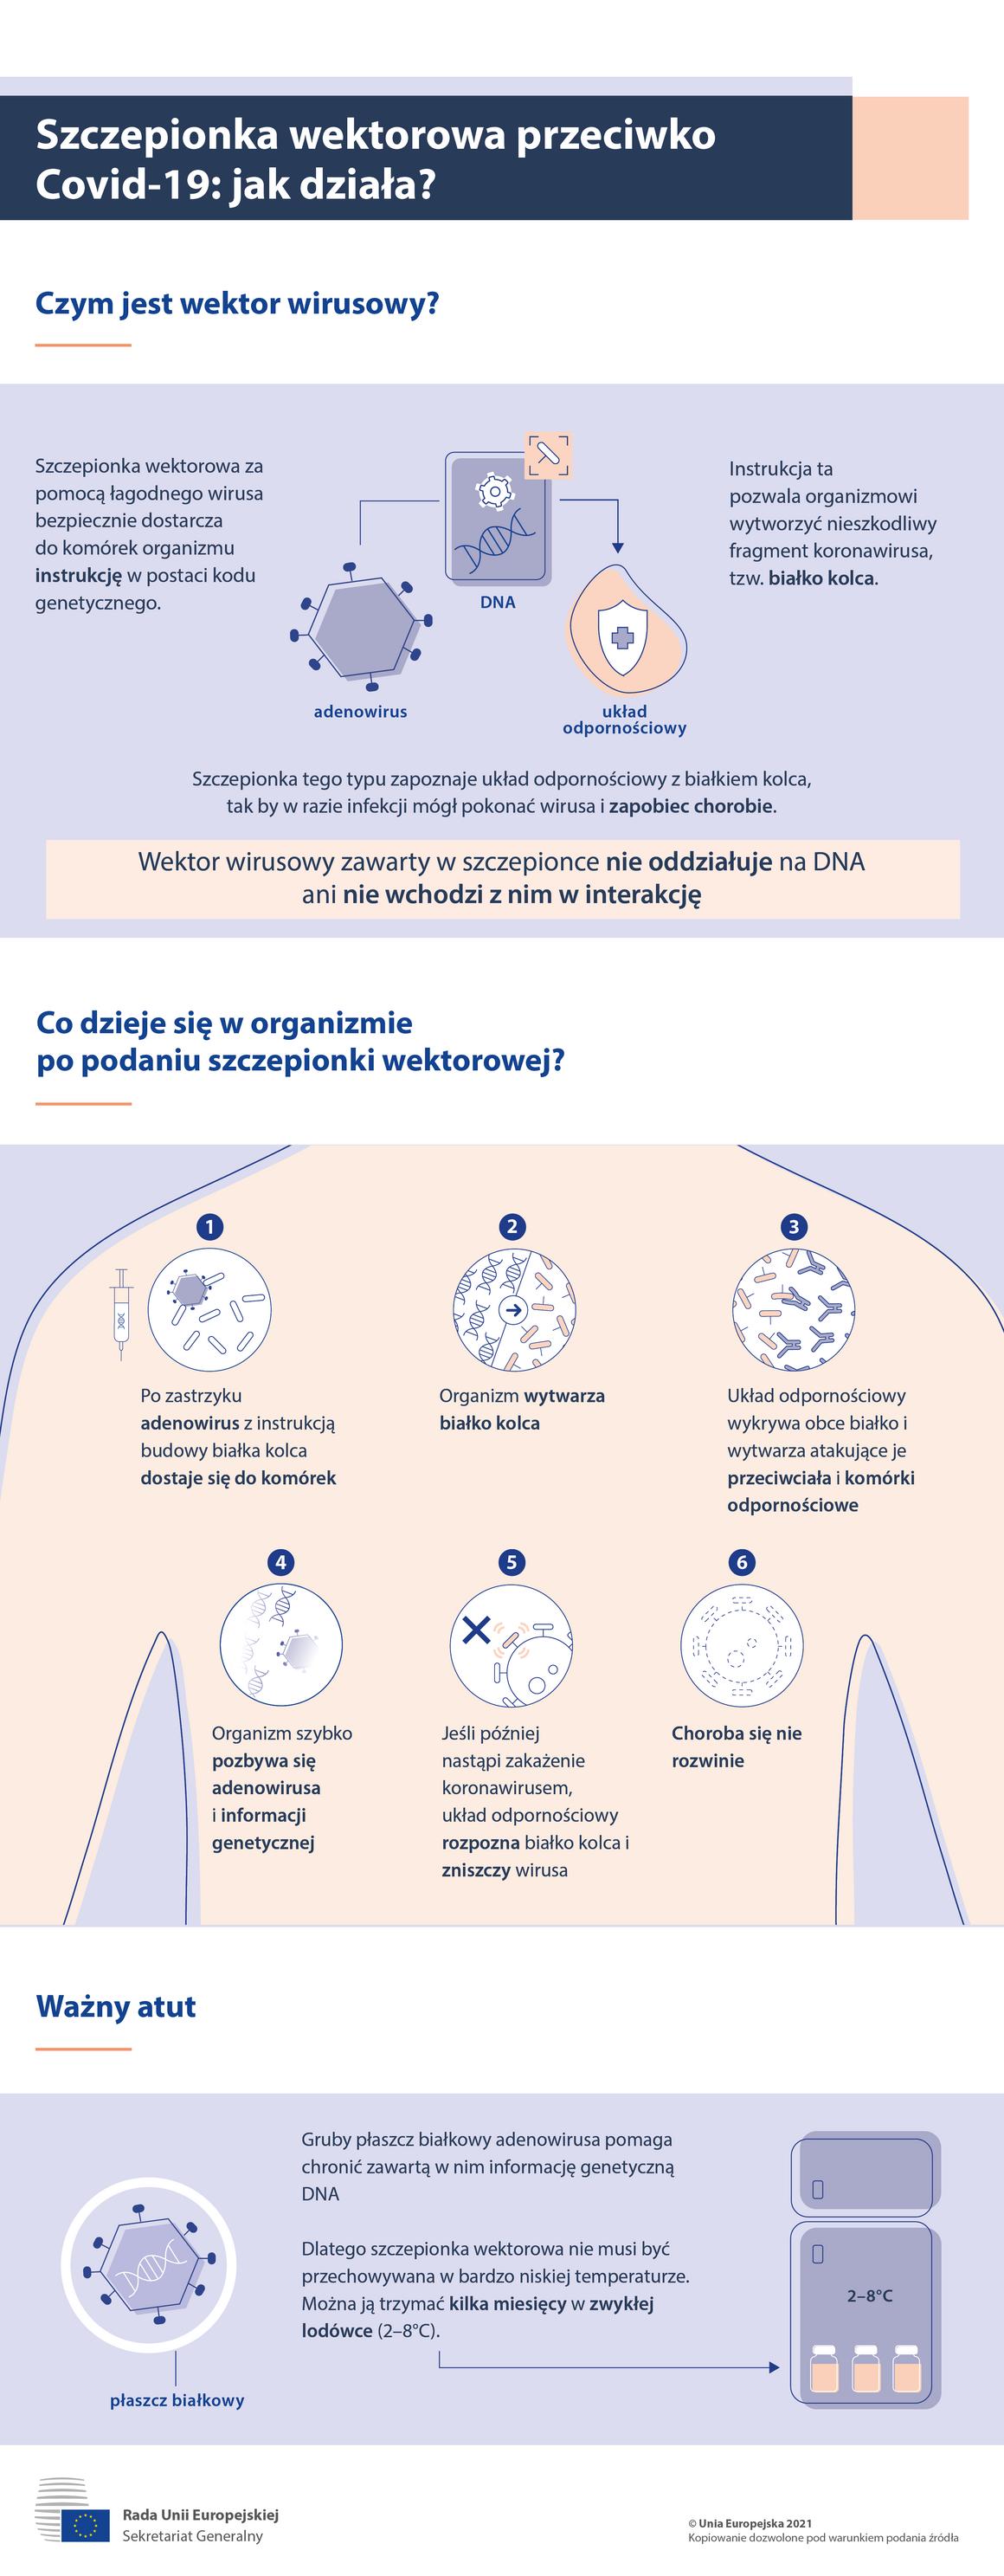 Infografika – szczepionki wektorowe przeciwko COVID-19: jak działają